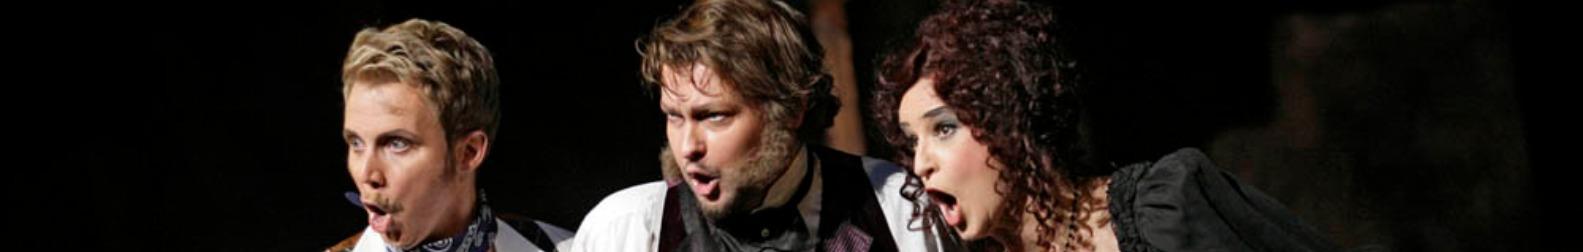 Mathias Frey zusammen mit zwei Kollegen bei einem Auftritt in historischem Kostüm,